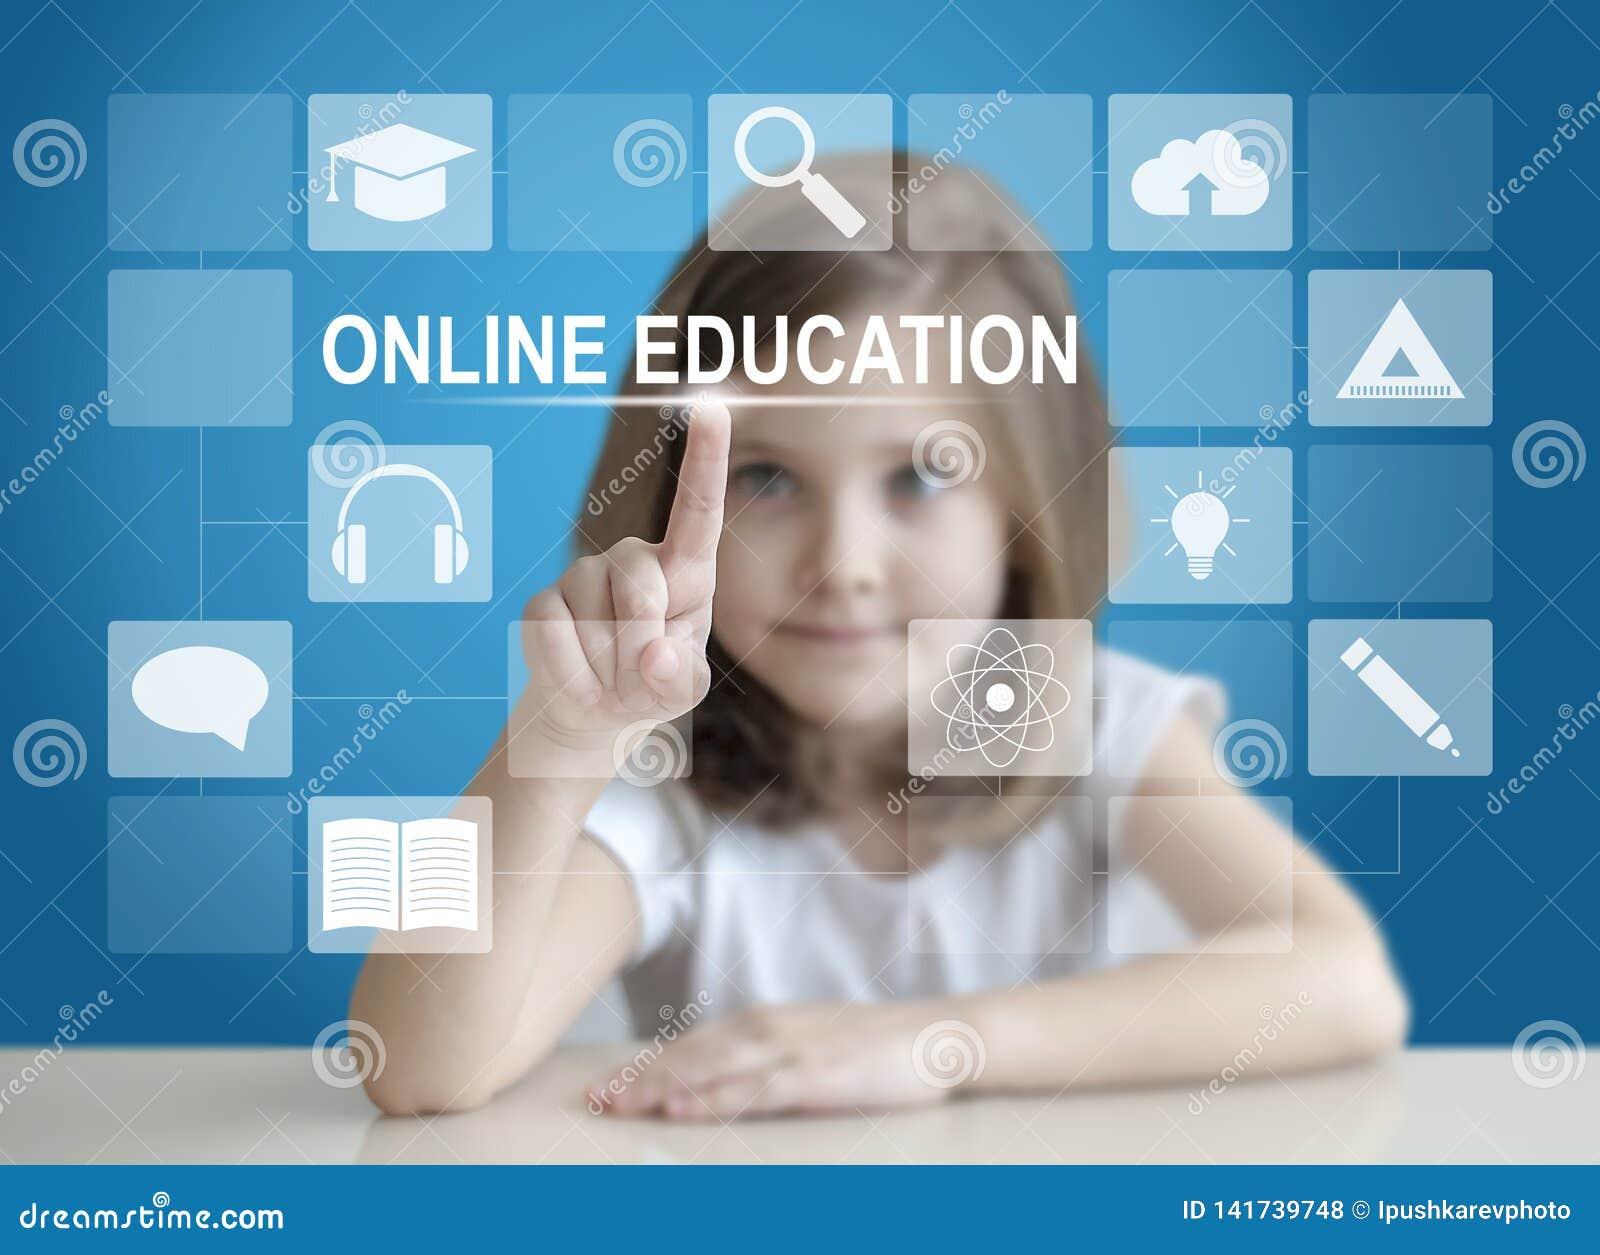 Wenig Studentenmädchen, das Ikone auf virtuellem Touch Screen wählt Baby, das eine Touch Screen Schnittstelle verwendet Digital-L